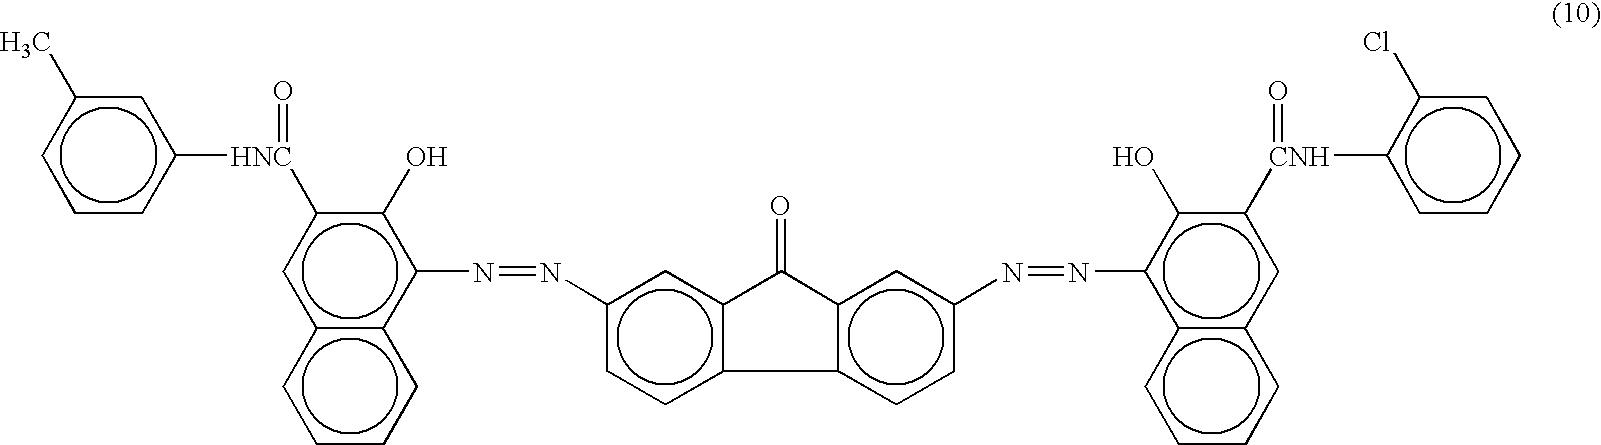 Figure US07183435-20070227-C00008